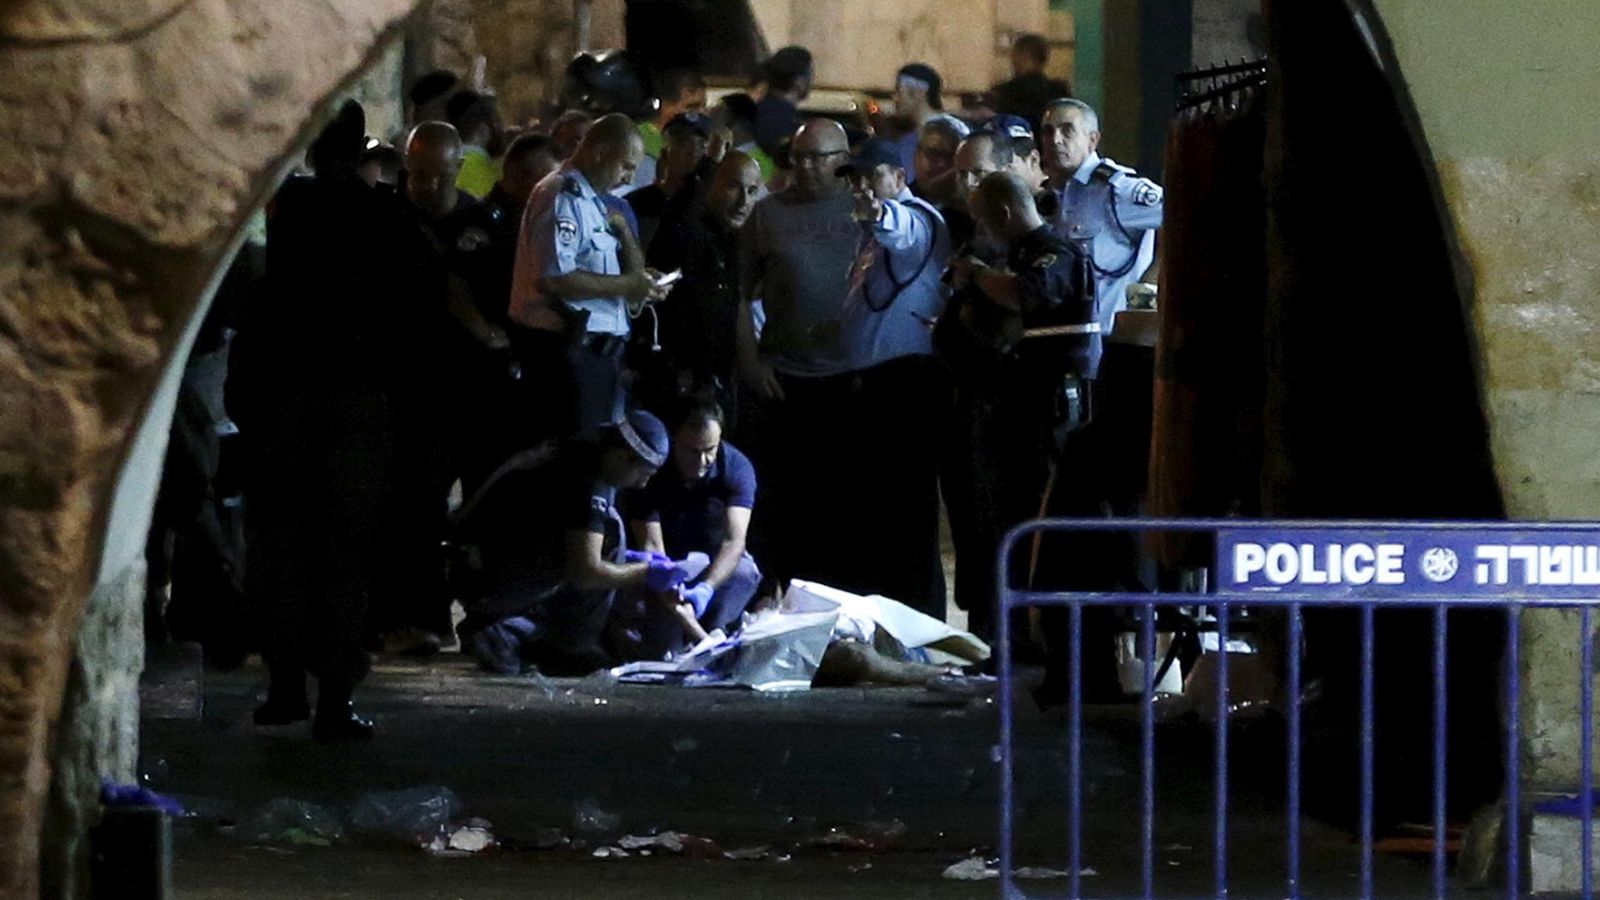 Foto: Personal de seguridad israelí junto al cadáver de un palestino abatido tras acuchillar a dos israelíes en la Ciudad Vieja de Jerusalén, el 3 de octubre de 2015 (Reuters).